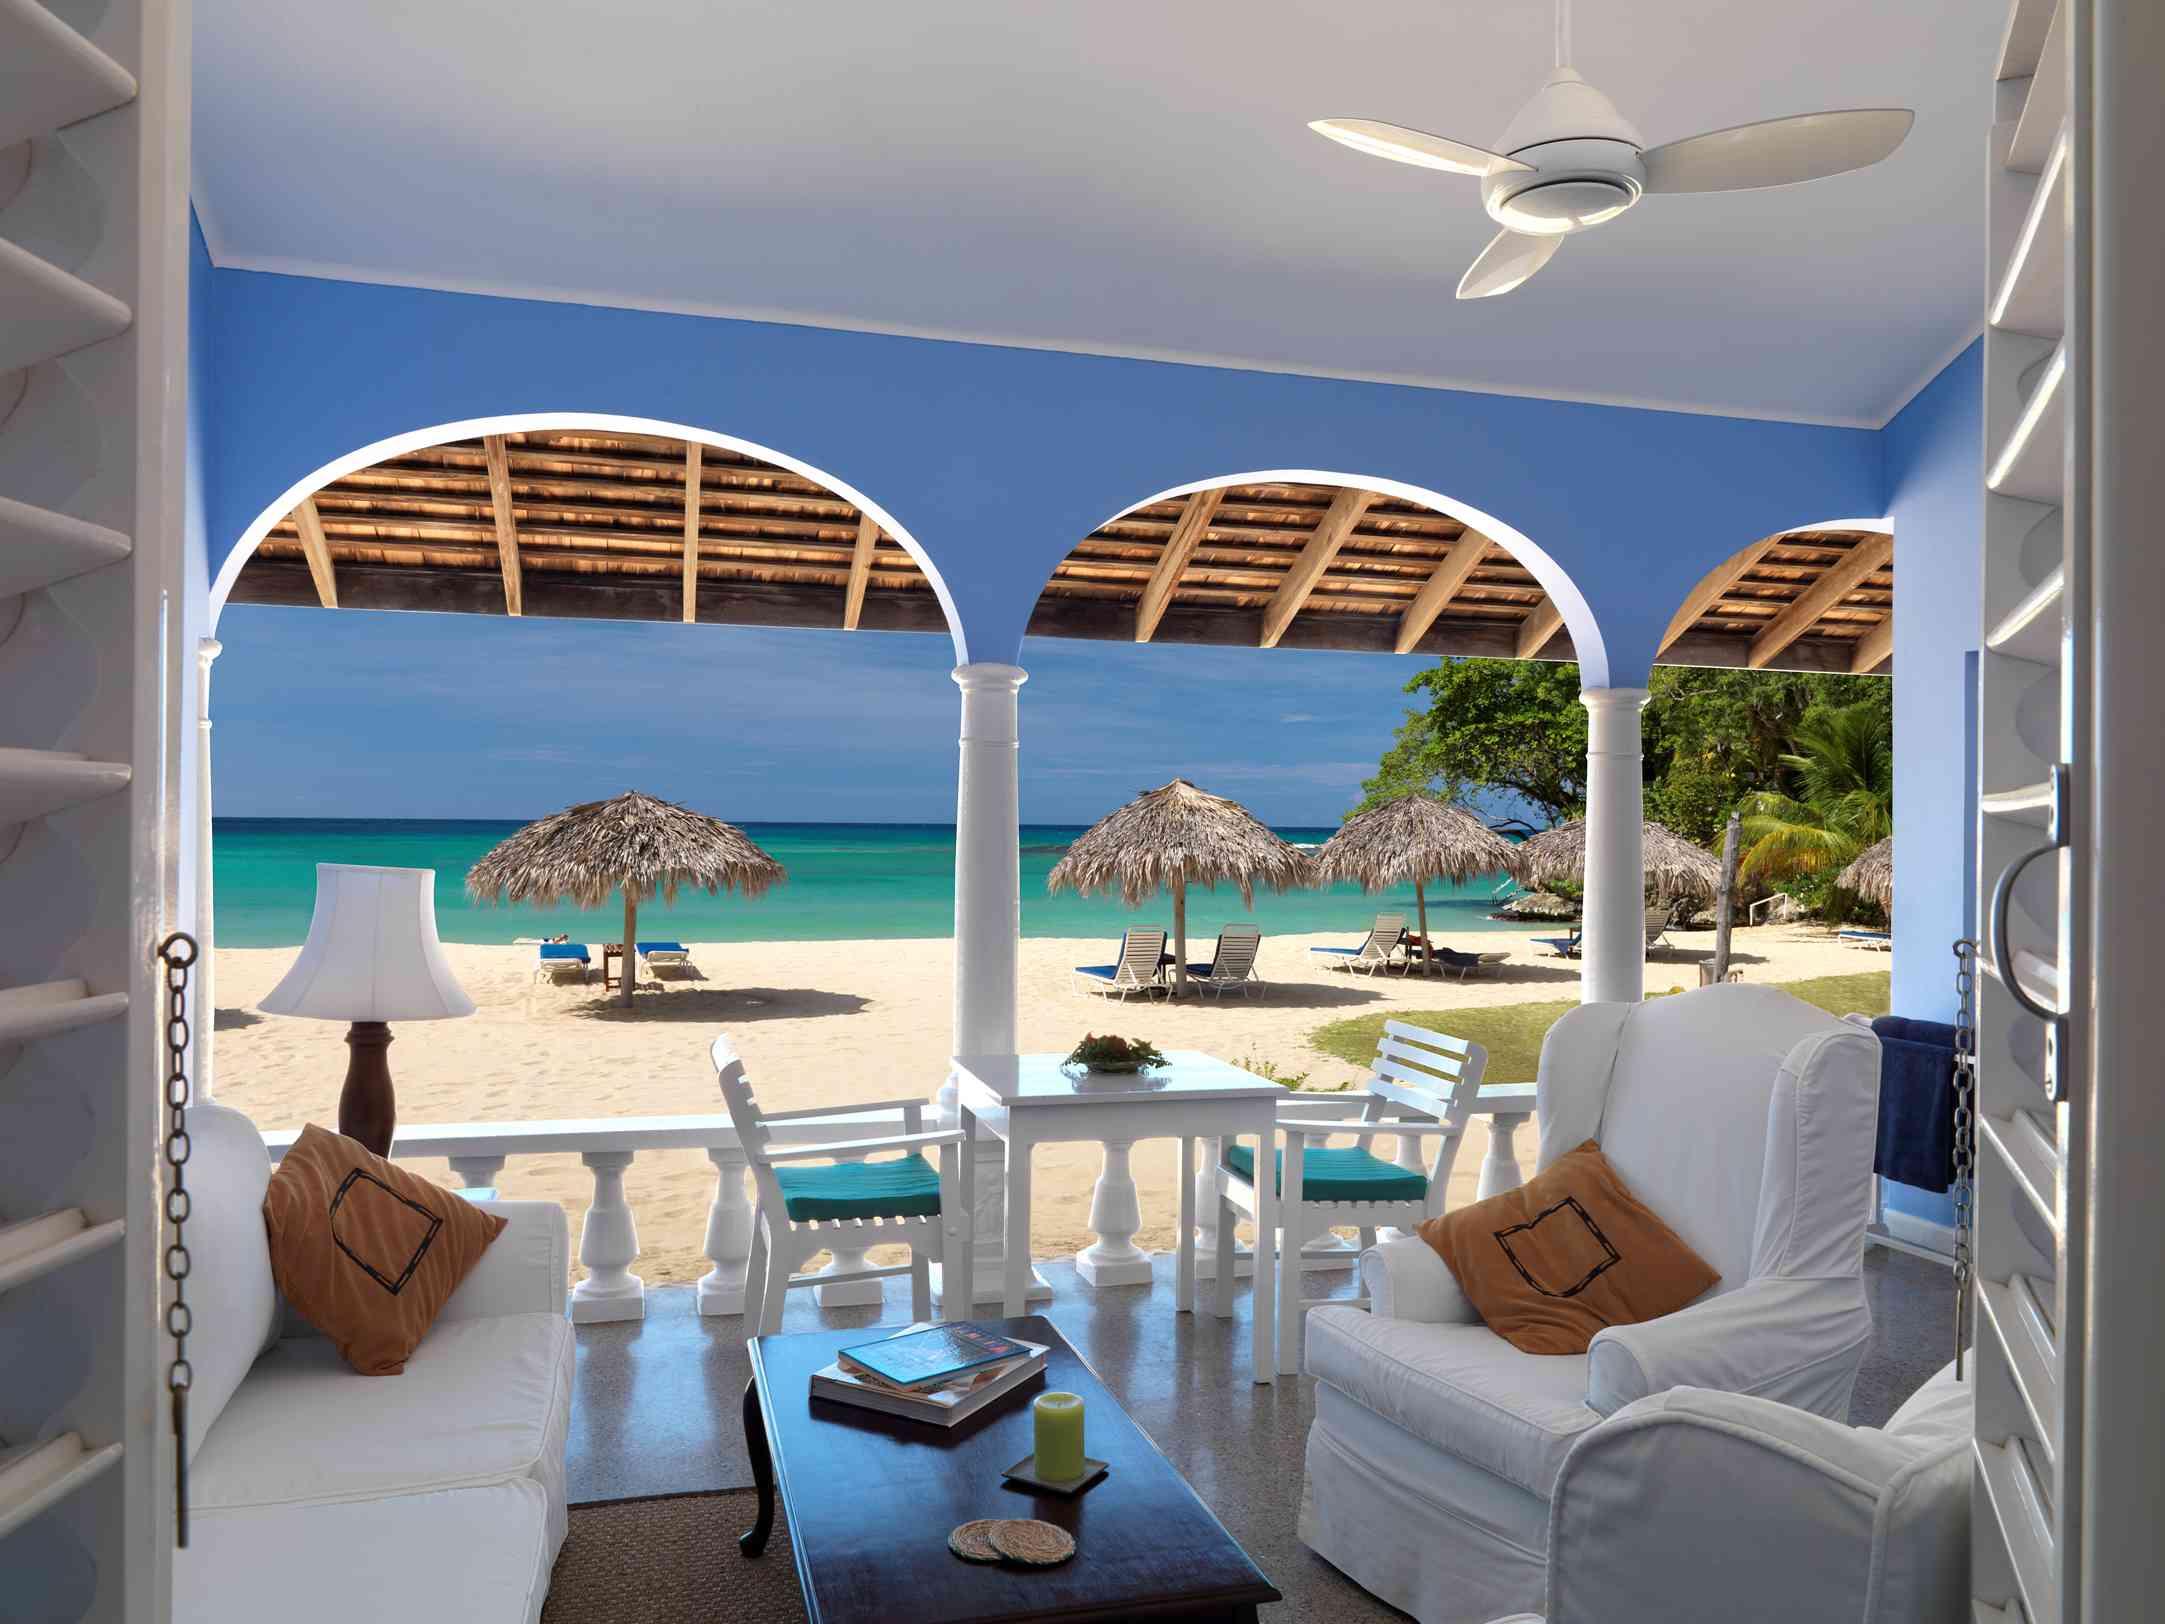 Los edificios en Jamaica Inn están pintados de azul aciano